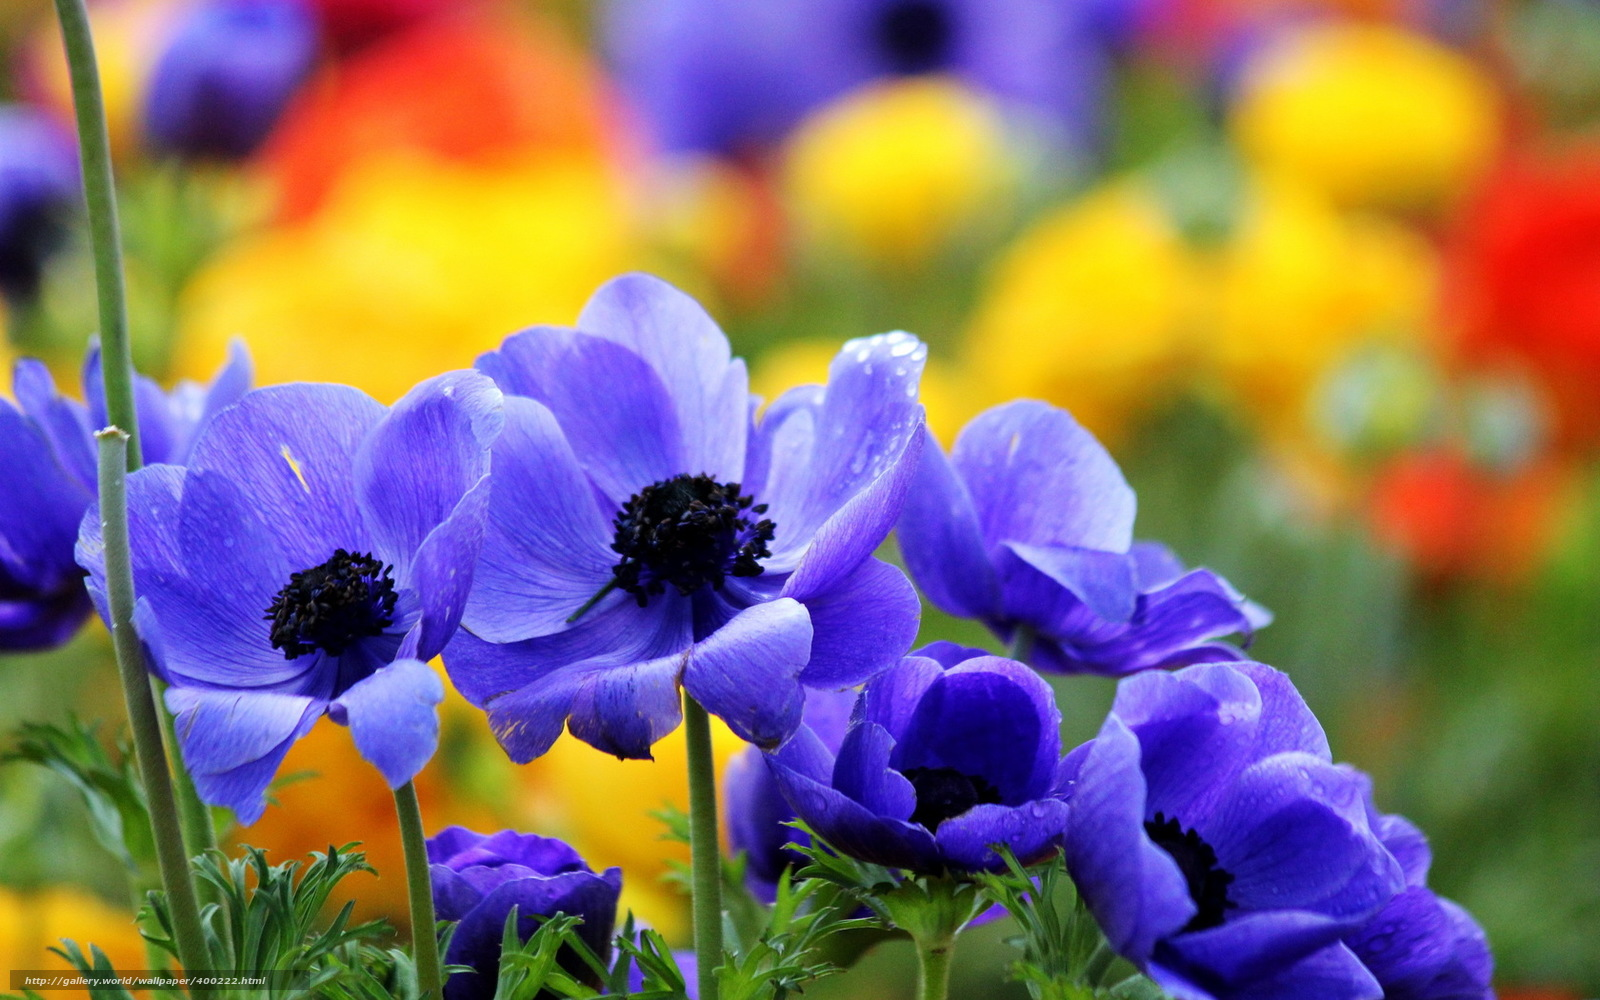 Scaricare gli sfondi fiori estate natura sfondi gratis for Immagini per desktop fiori